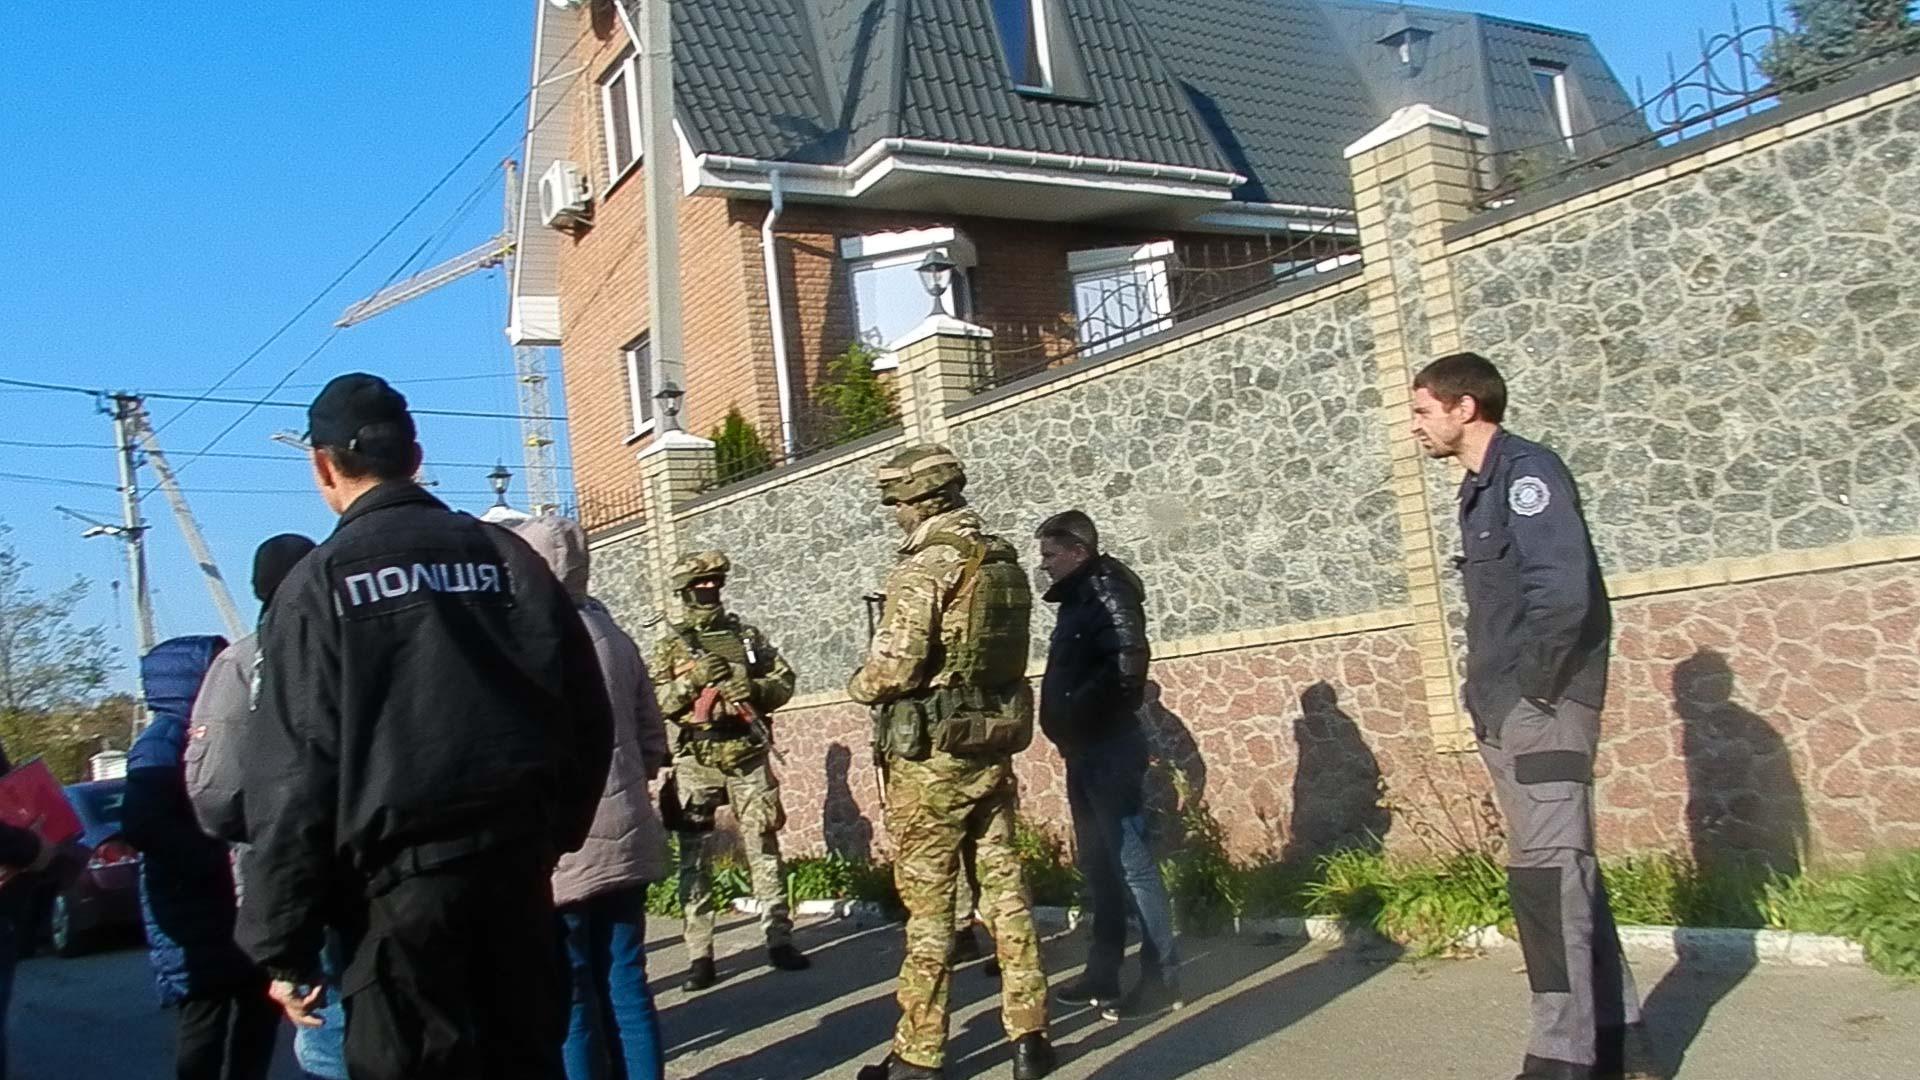 К людям, протестующим против противоправного строительства в селе под Киевом, нагрянули силовики с автоматами